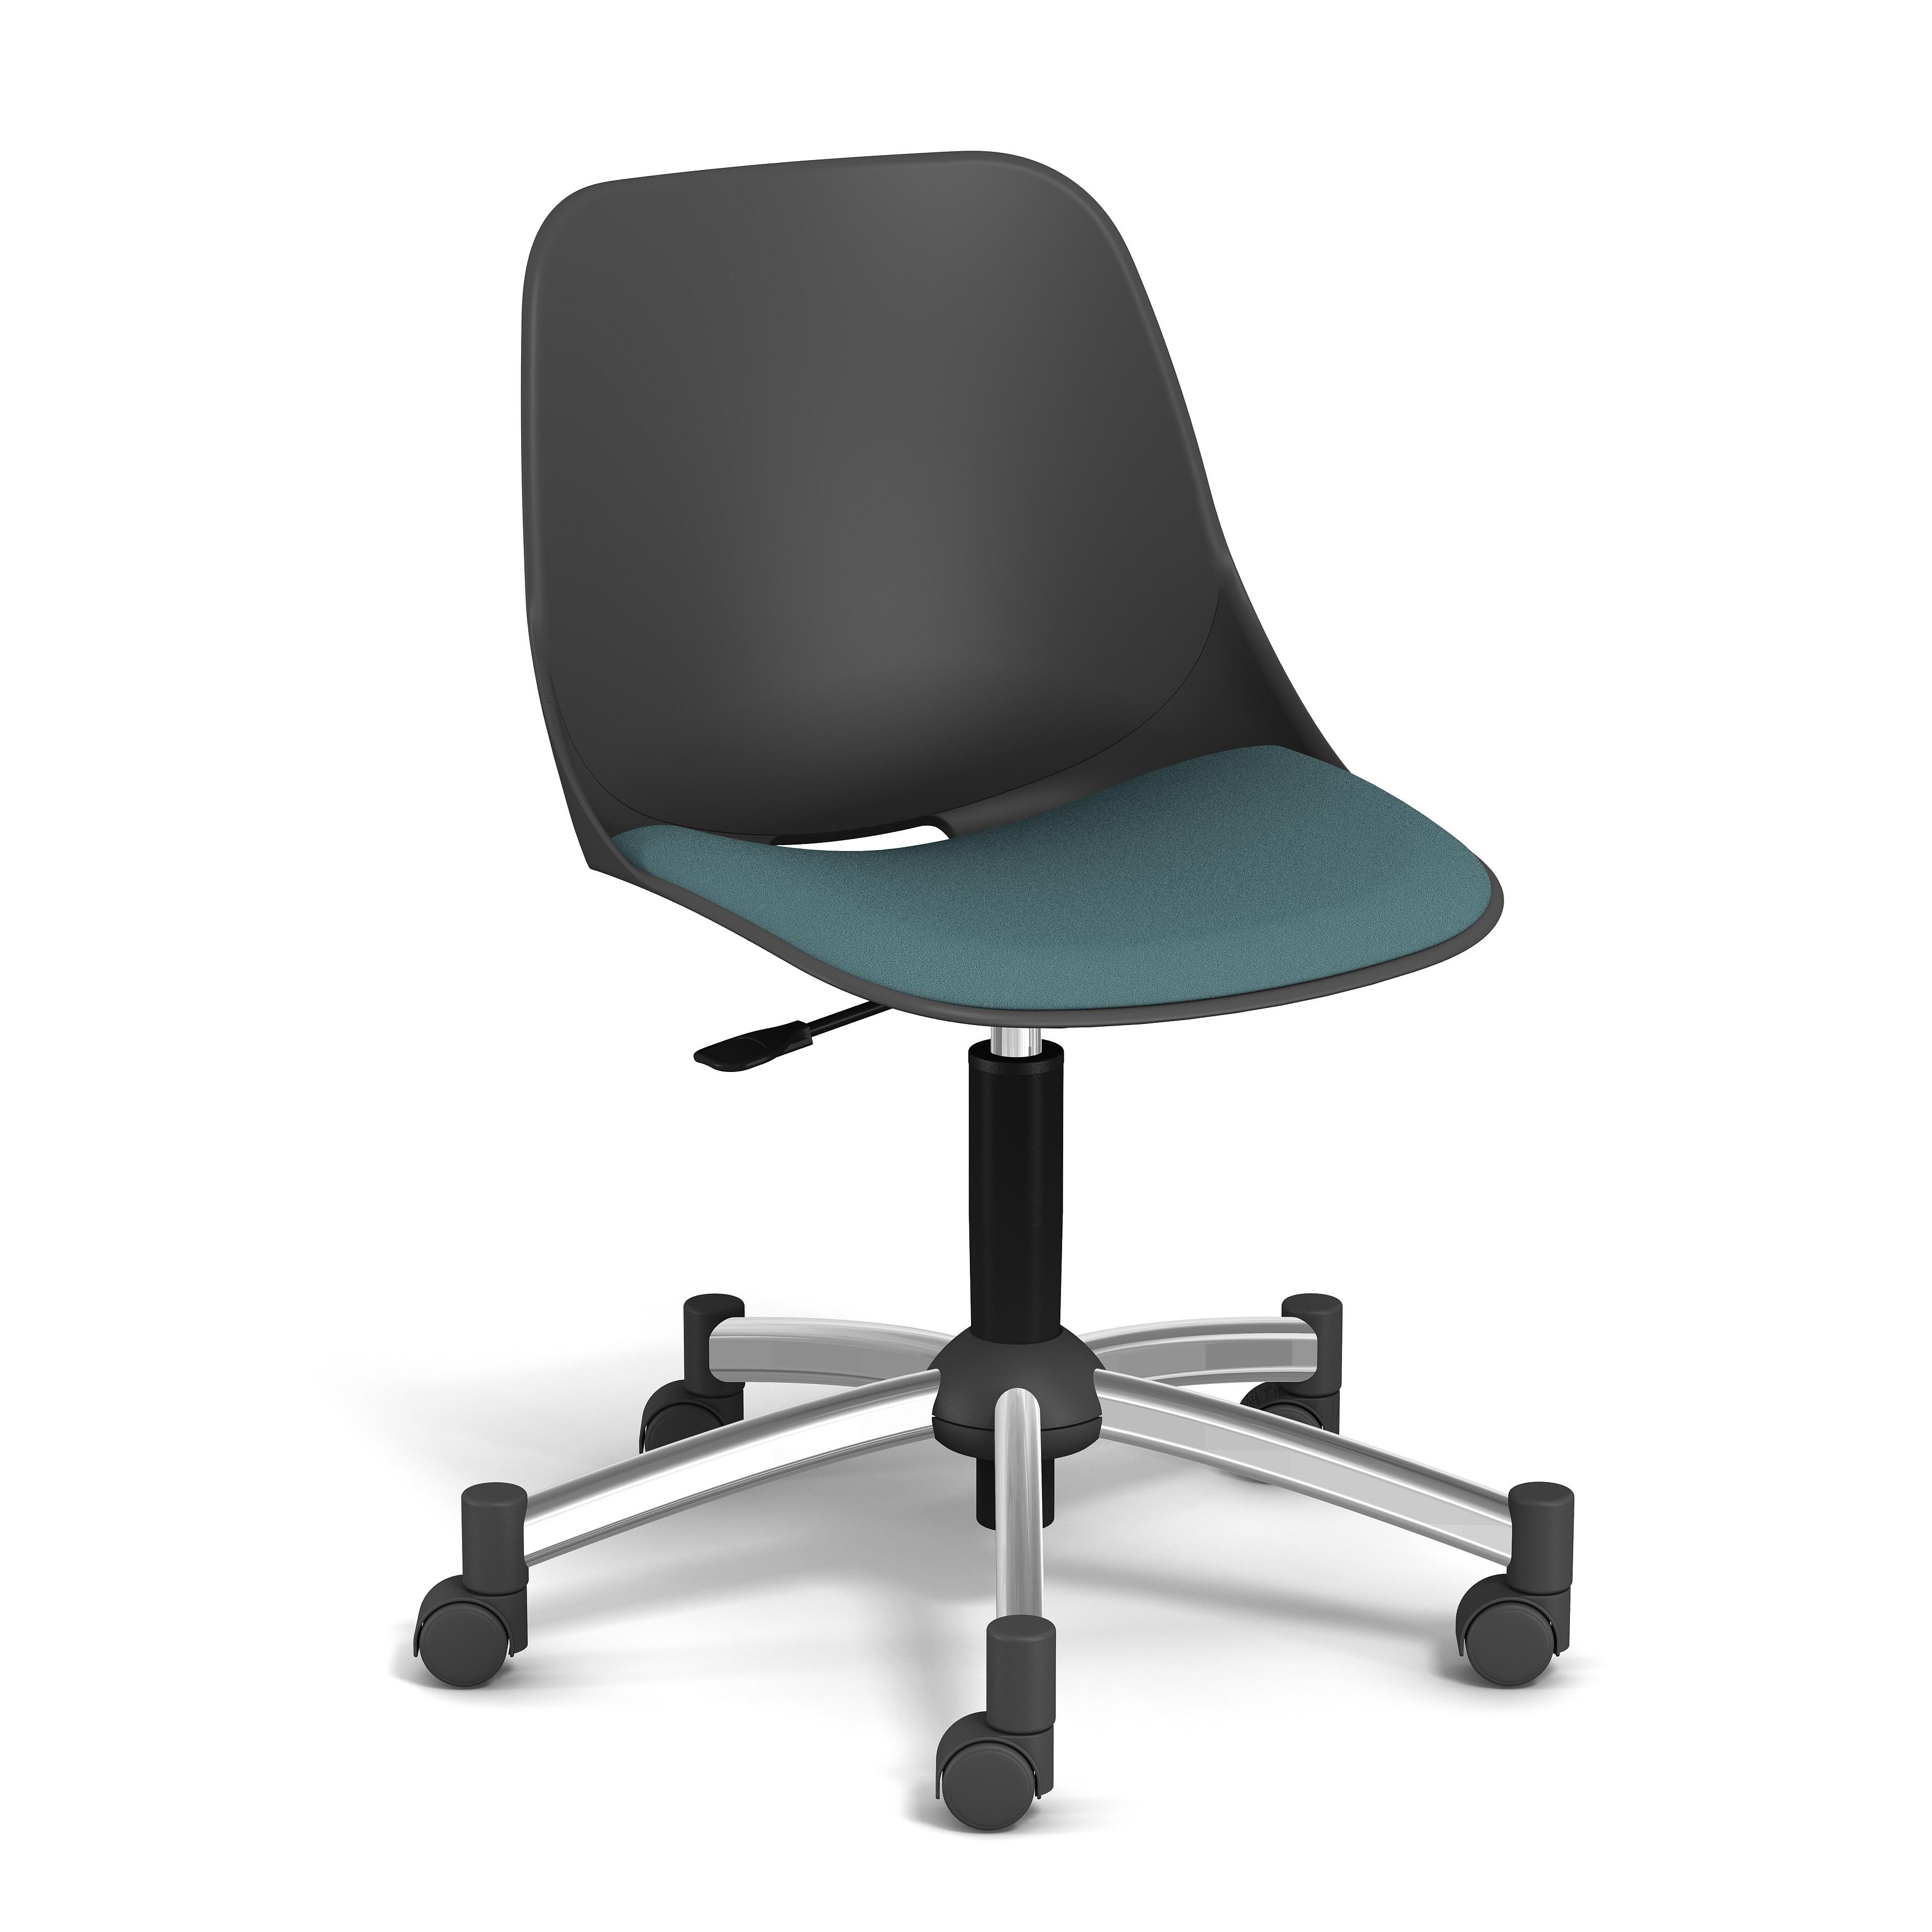 Chaise PALM - coque noire - assise vert - base chromé